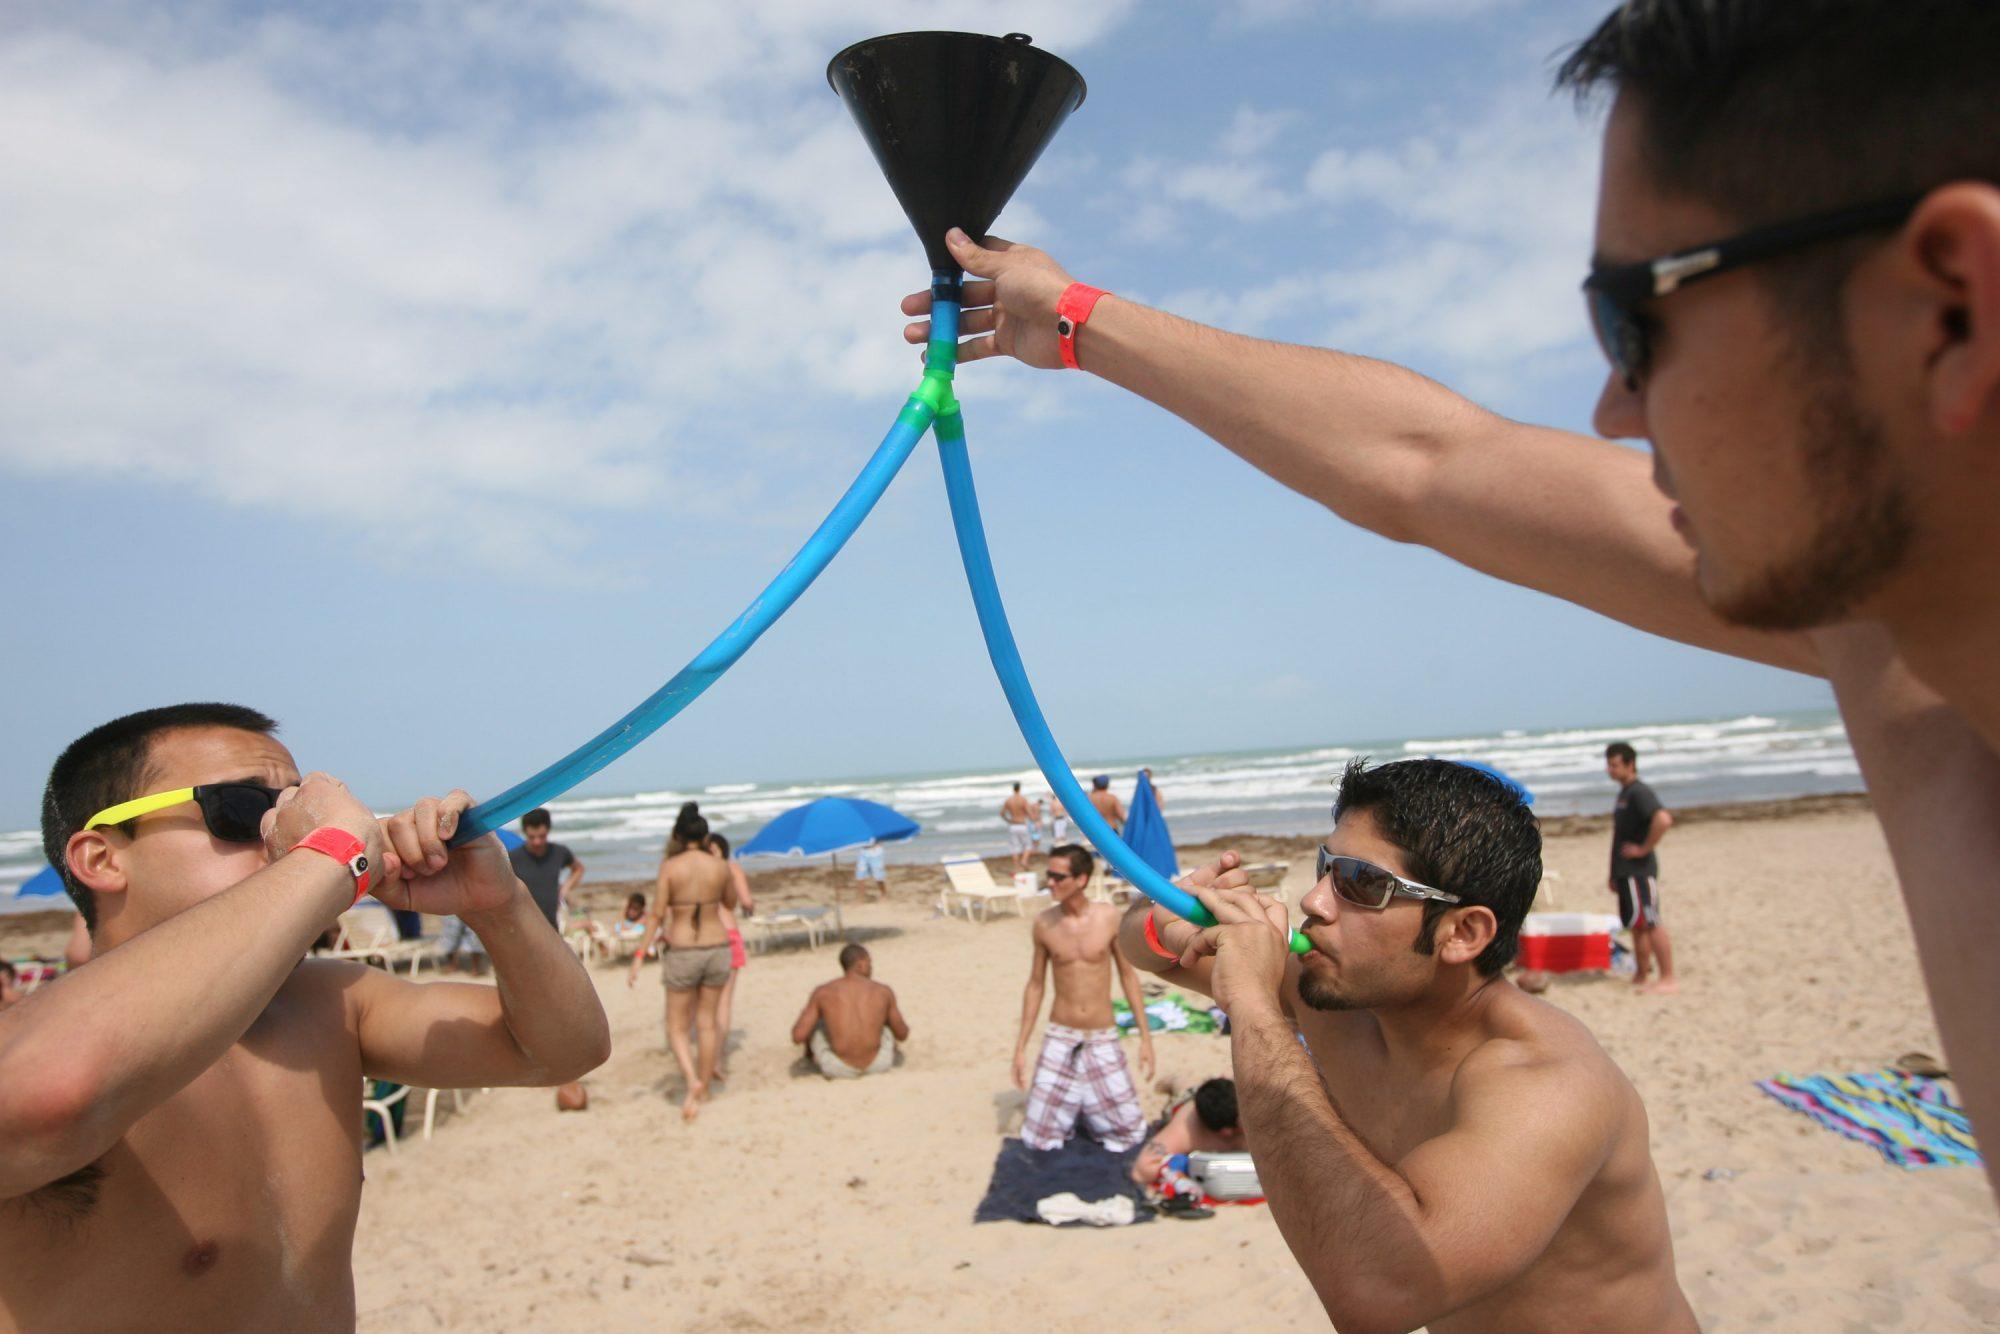 Estudiantes universitarios en Spring Break en South Padre Island, Texas